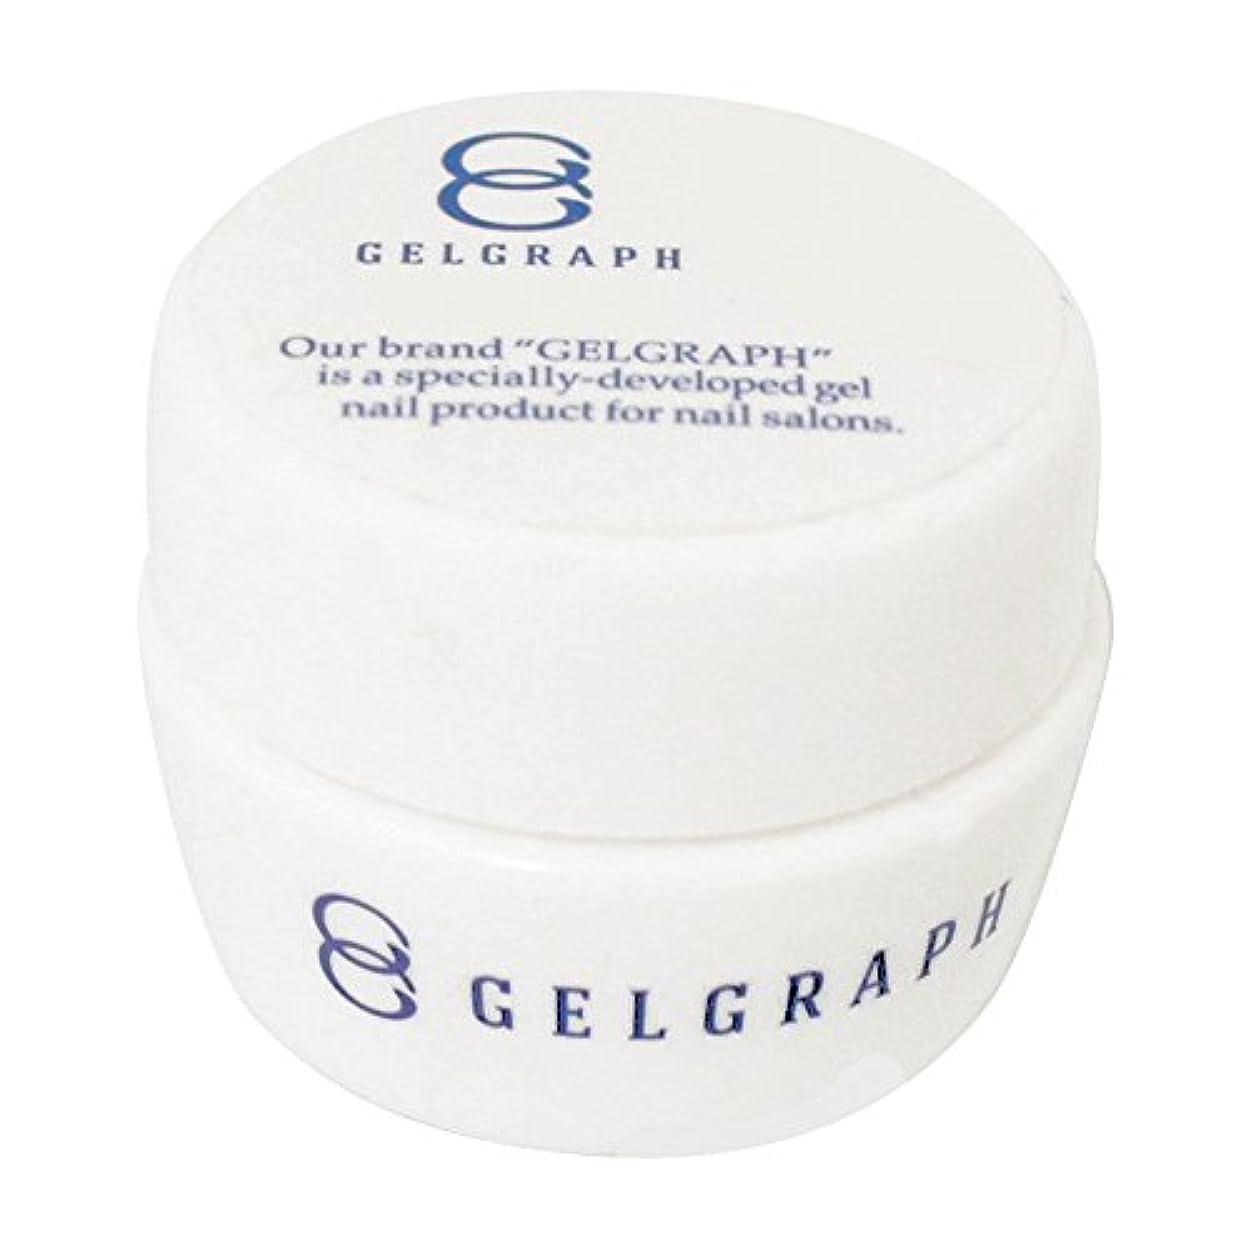 ヘビあご胃GELGRAPH カラージェル 086NP フローズンブルーマルガリータ 5g UV/LED対応 ソークオフジェル